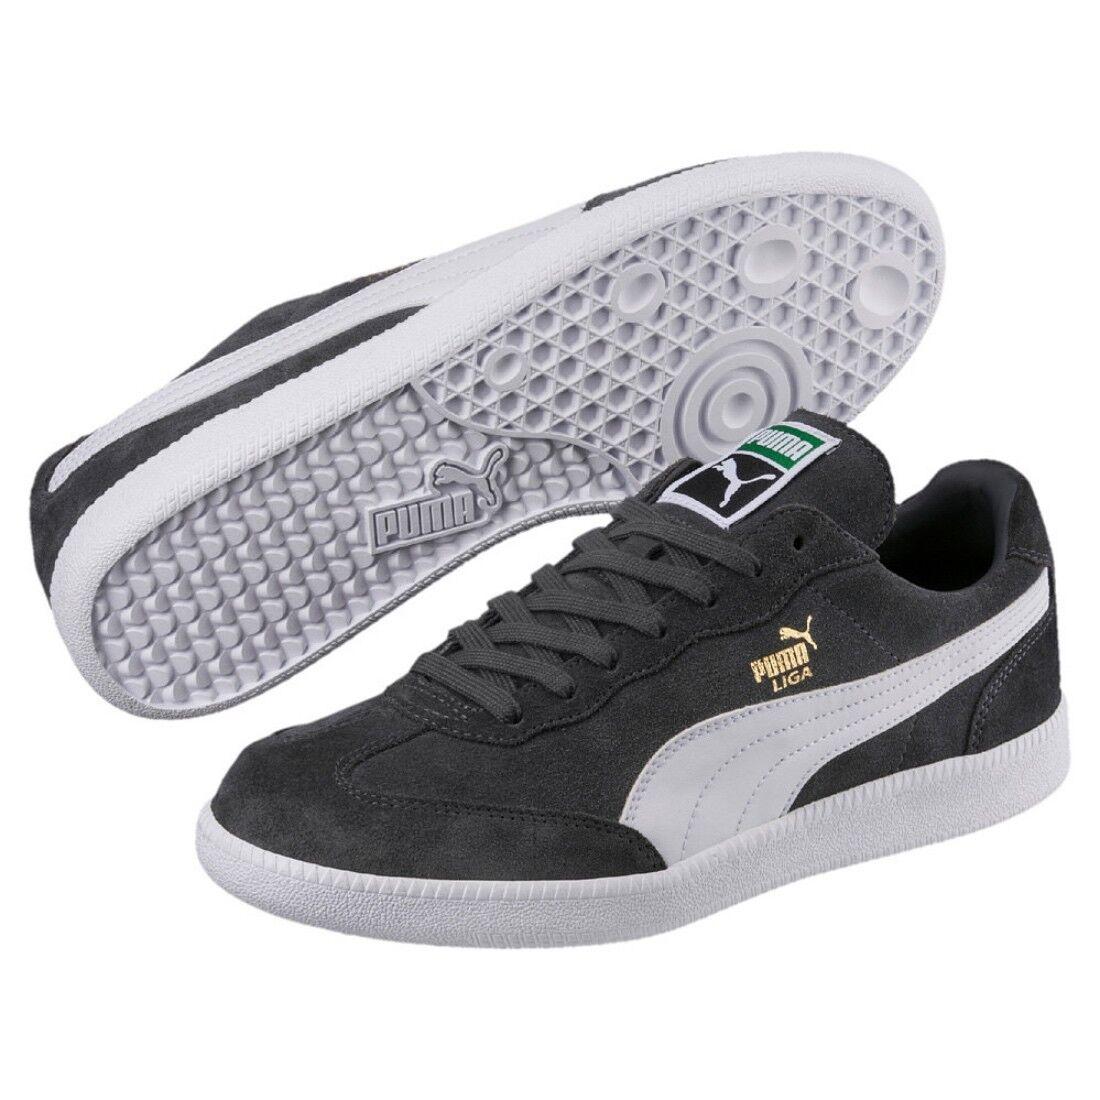 Puma camoscio liga camoscio Puma 366623 retrò unisex scarpe scarpe ikoneiron gate grey 8f8654